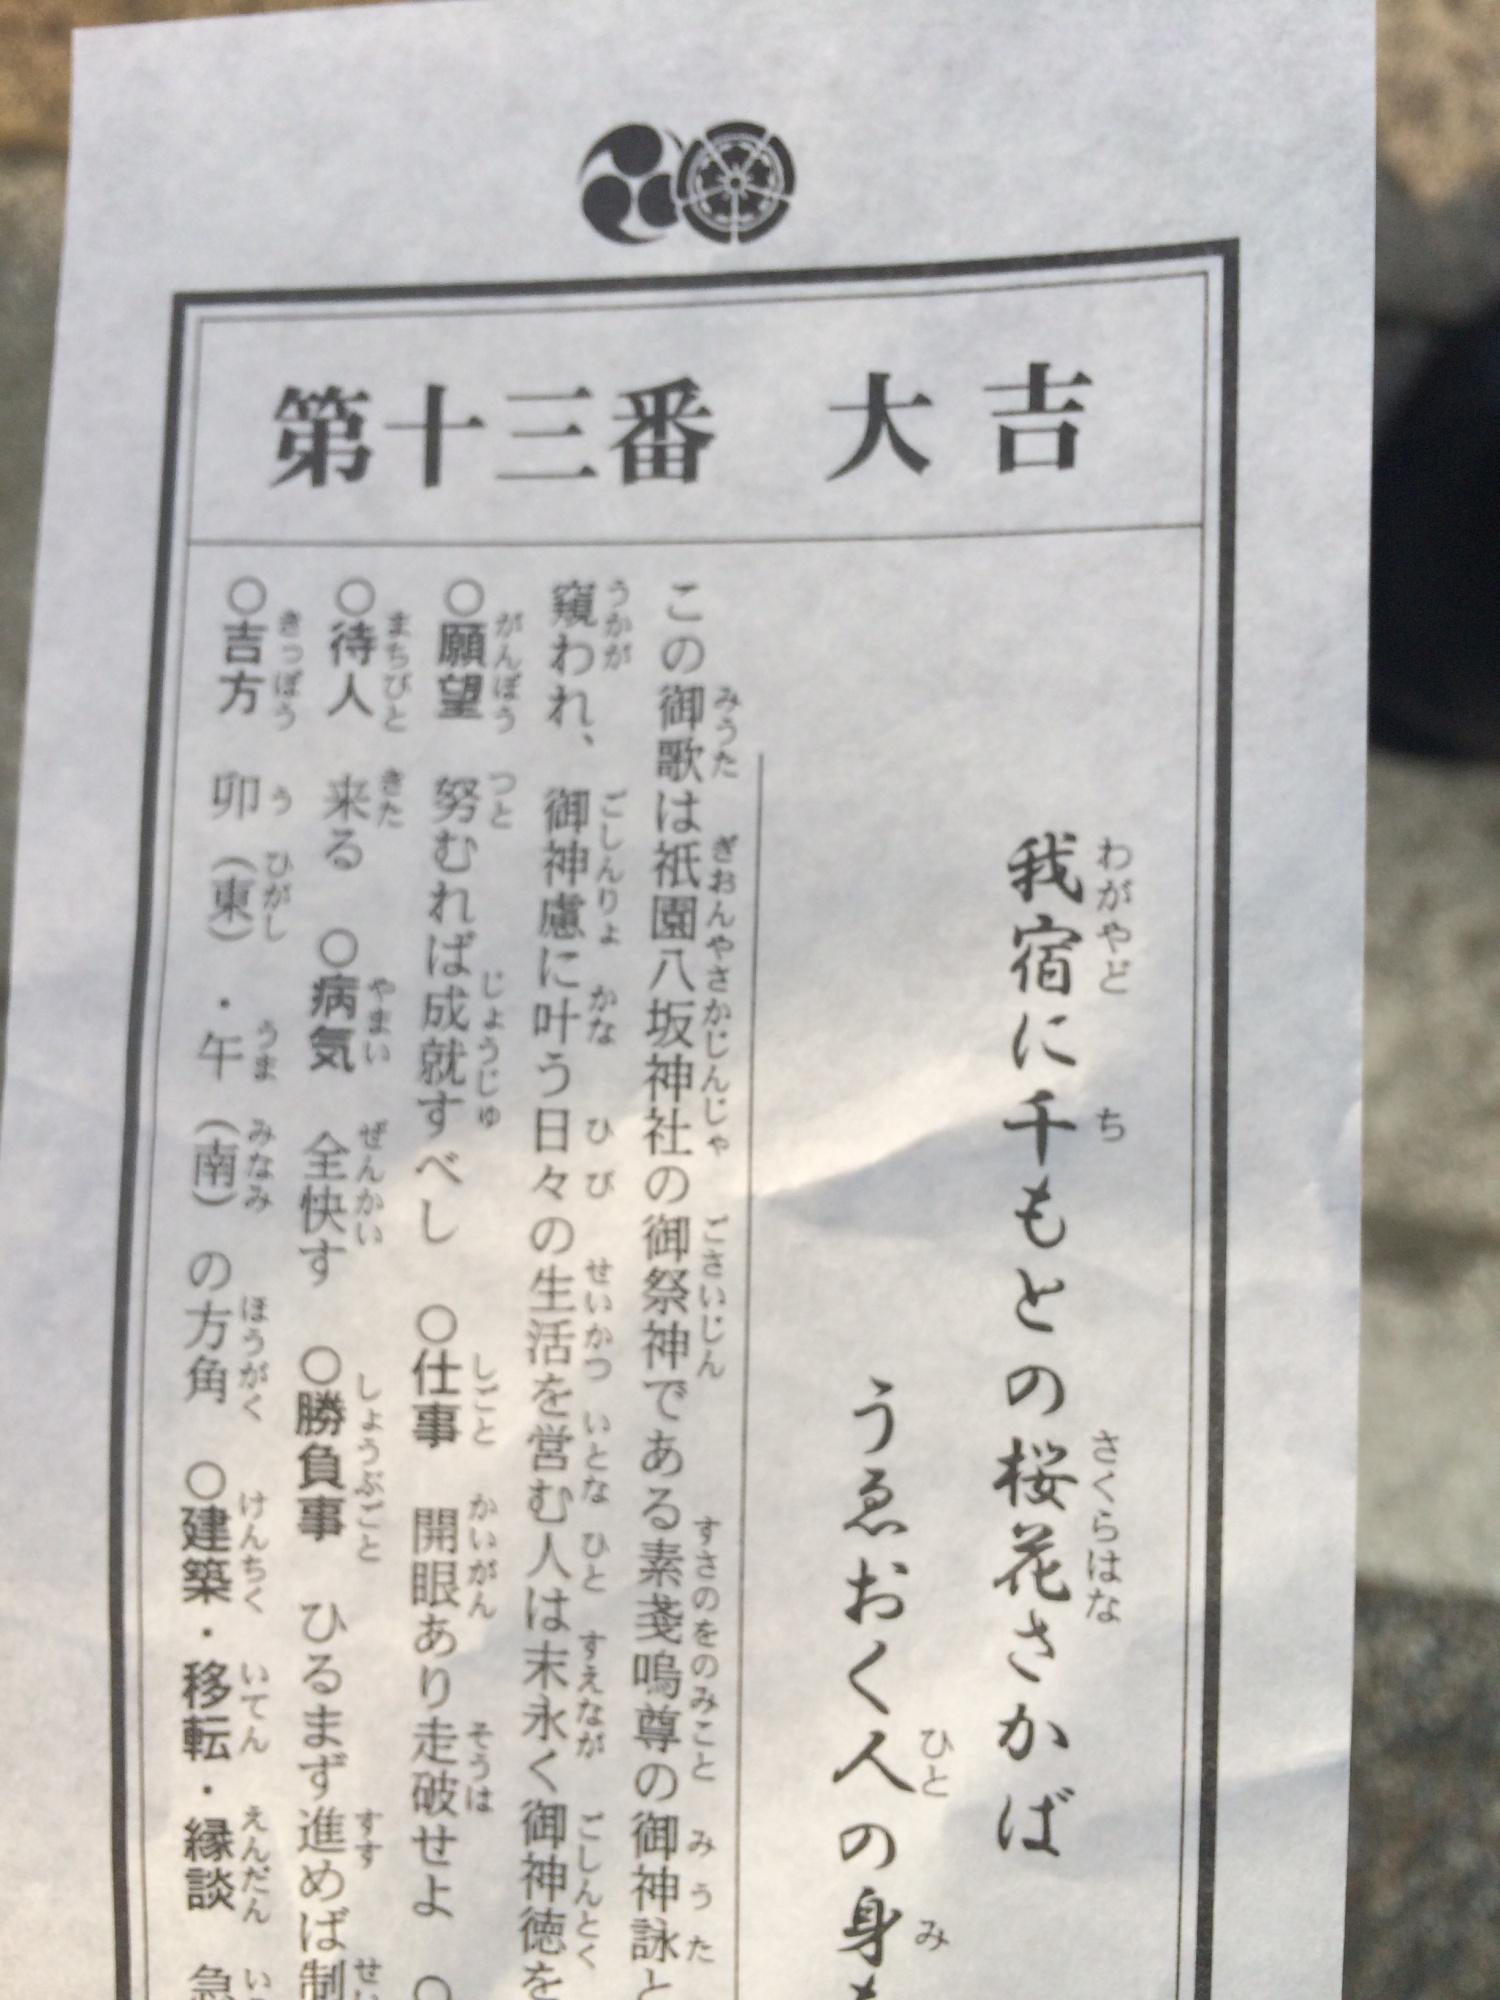 八坂神社でのおみくじは大吉でした